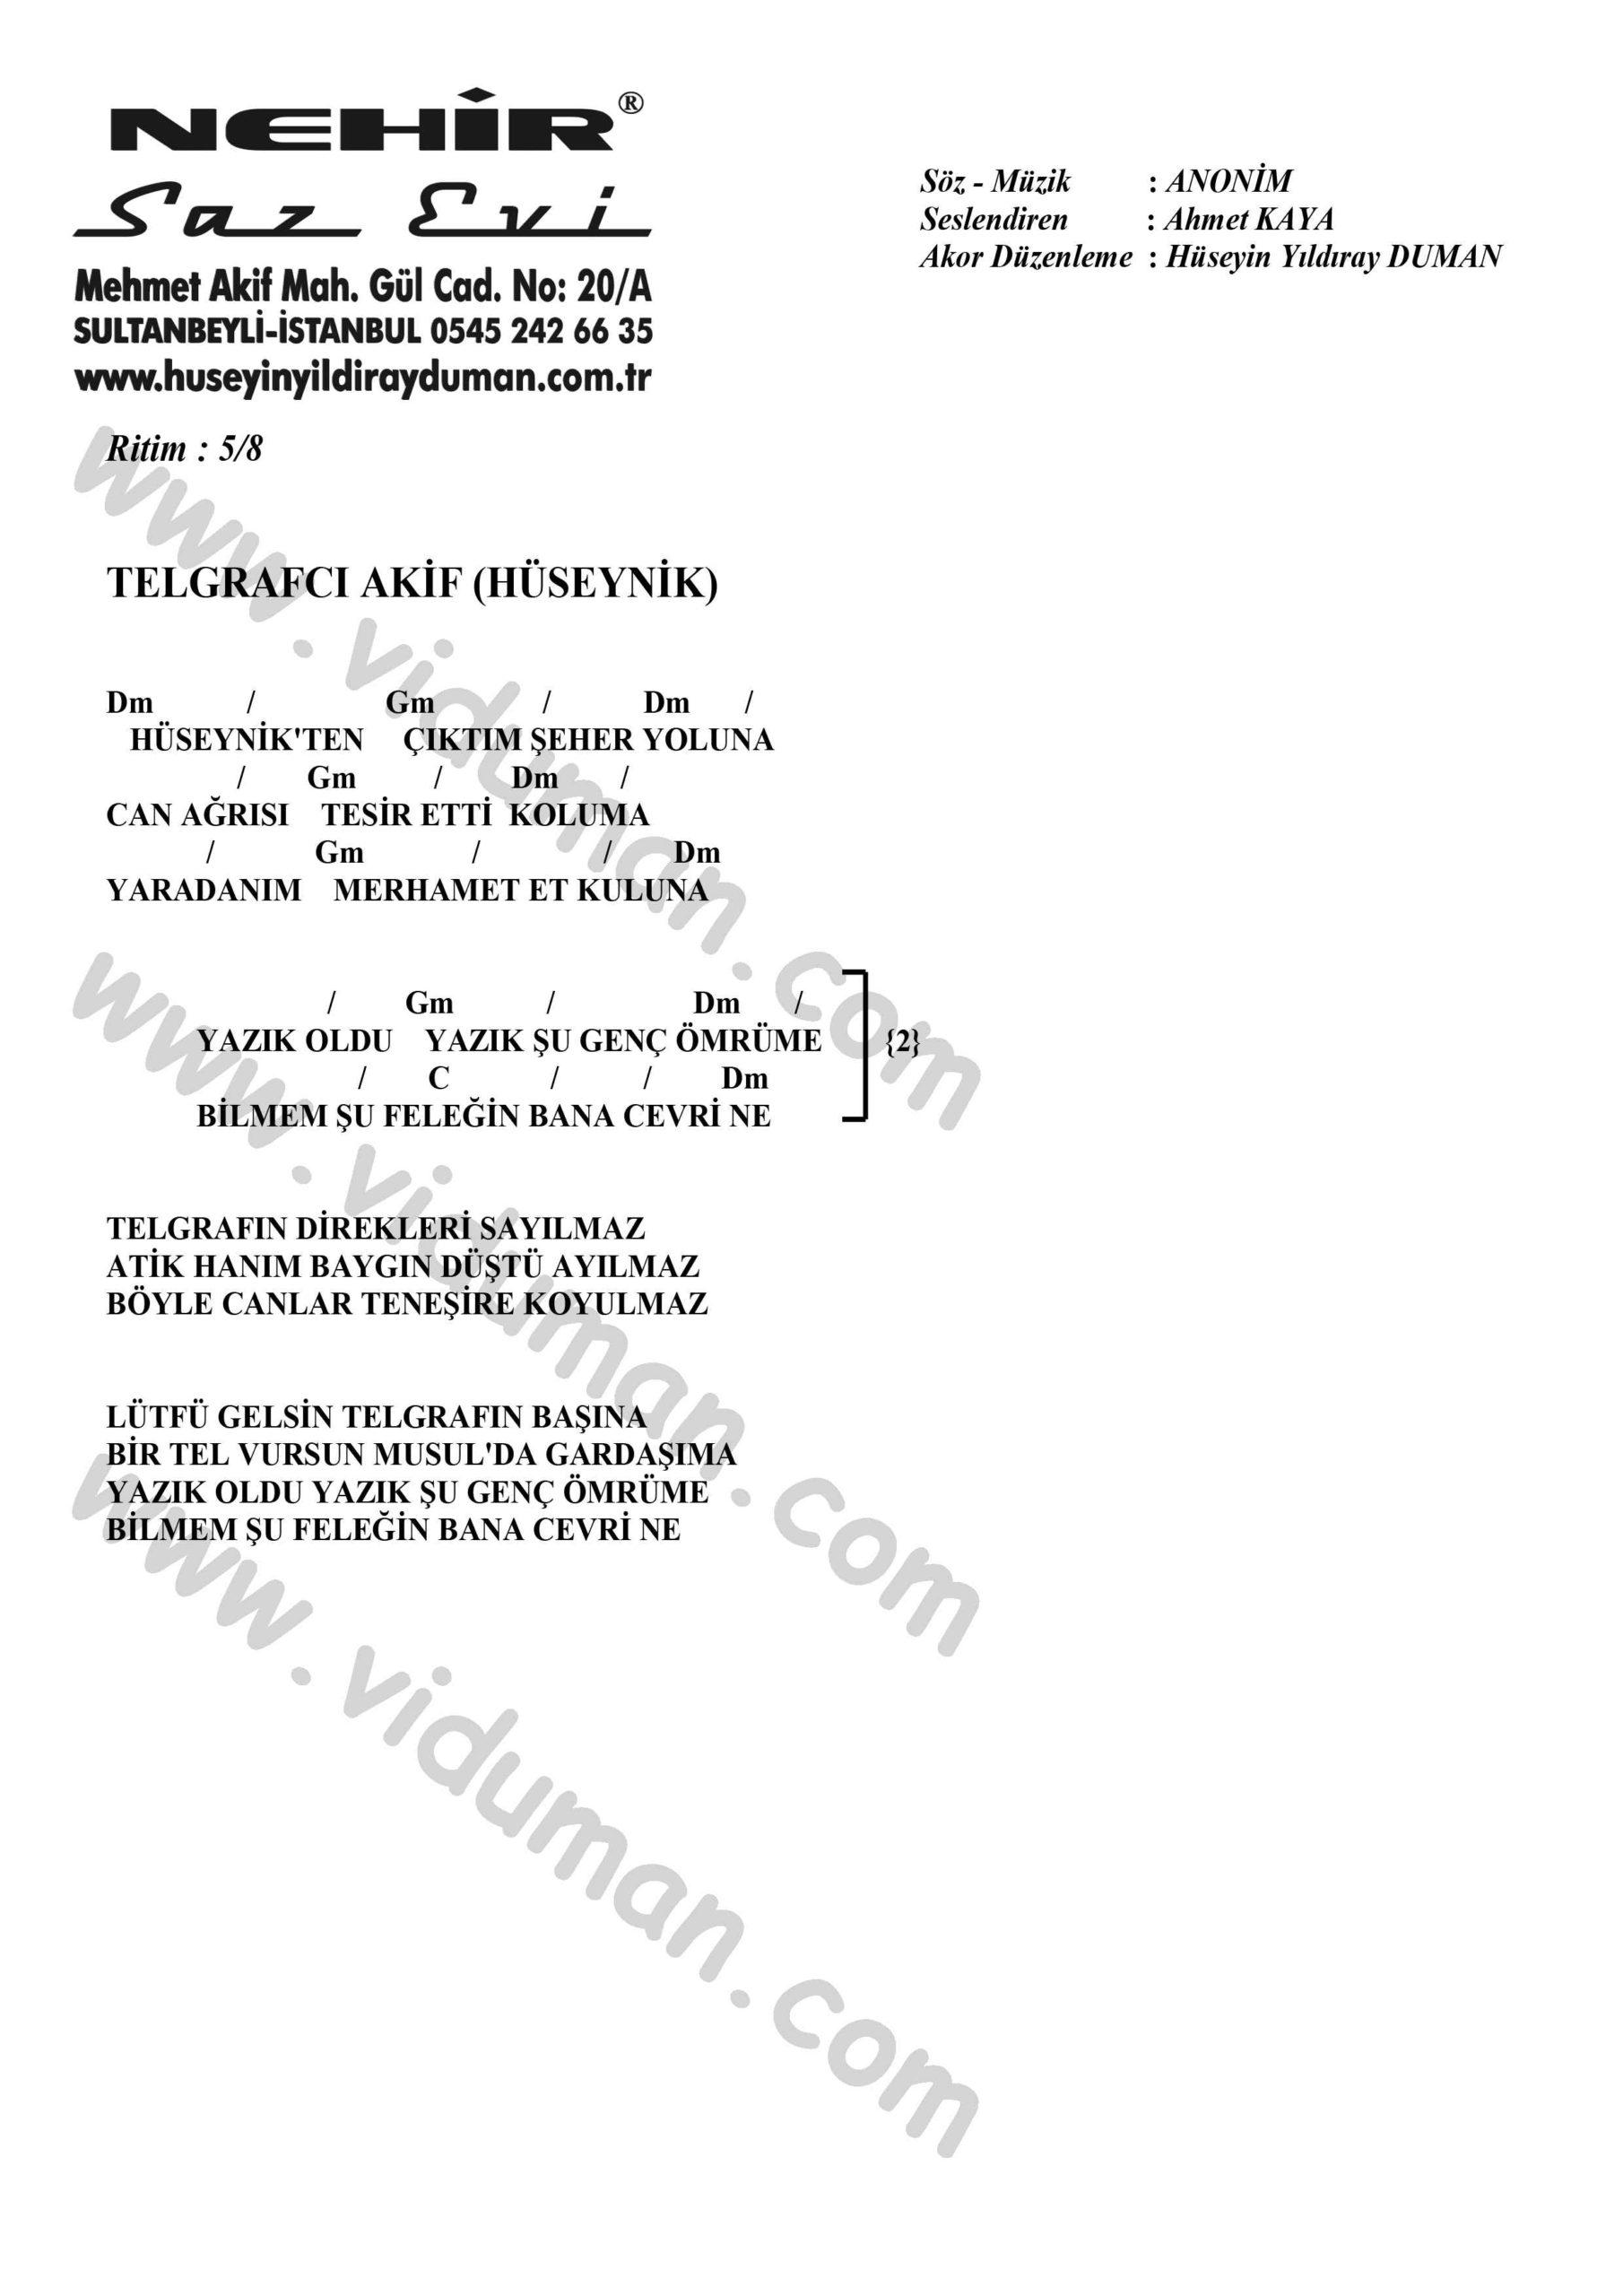 Telgrafci Akif-Ahmet Kaya-Ritim-Gitar-Akorlari